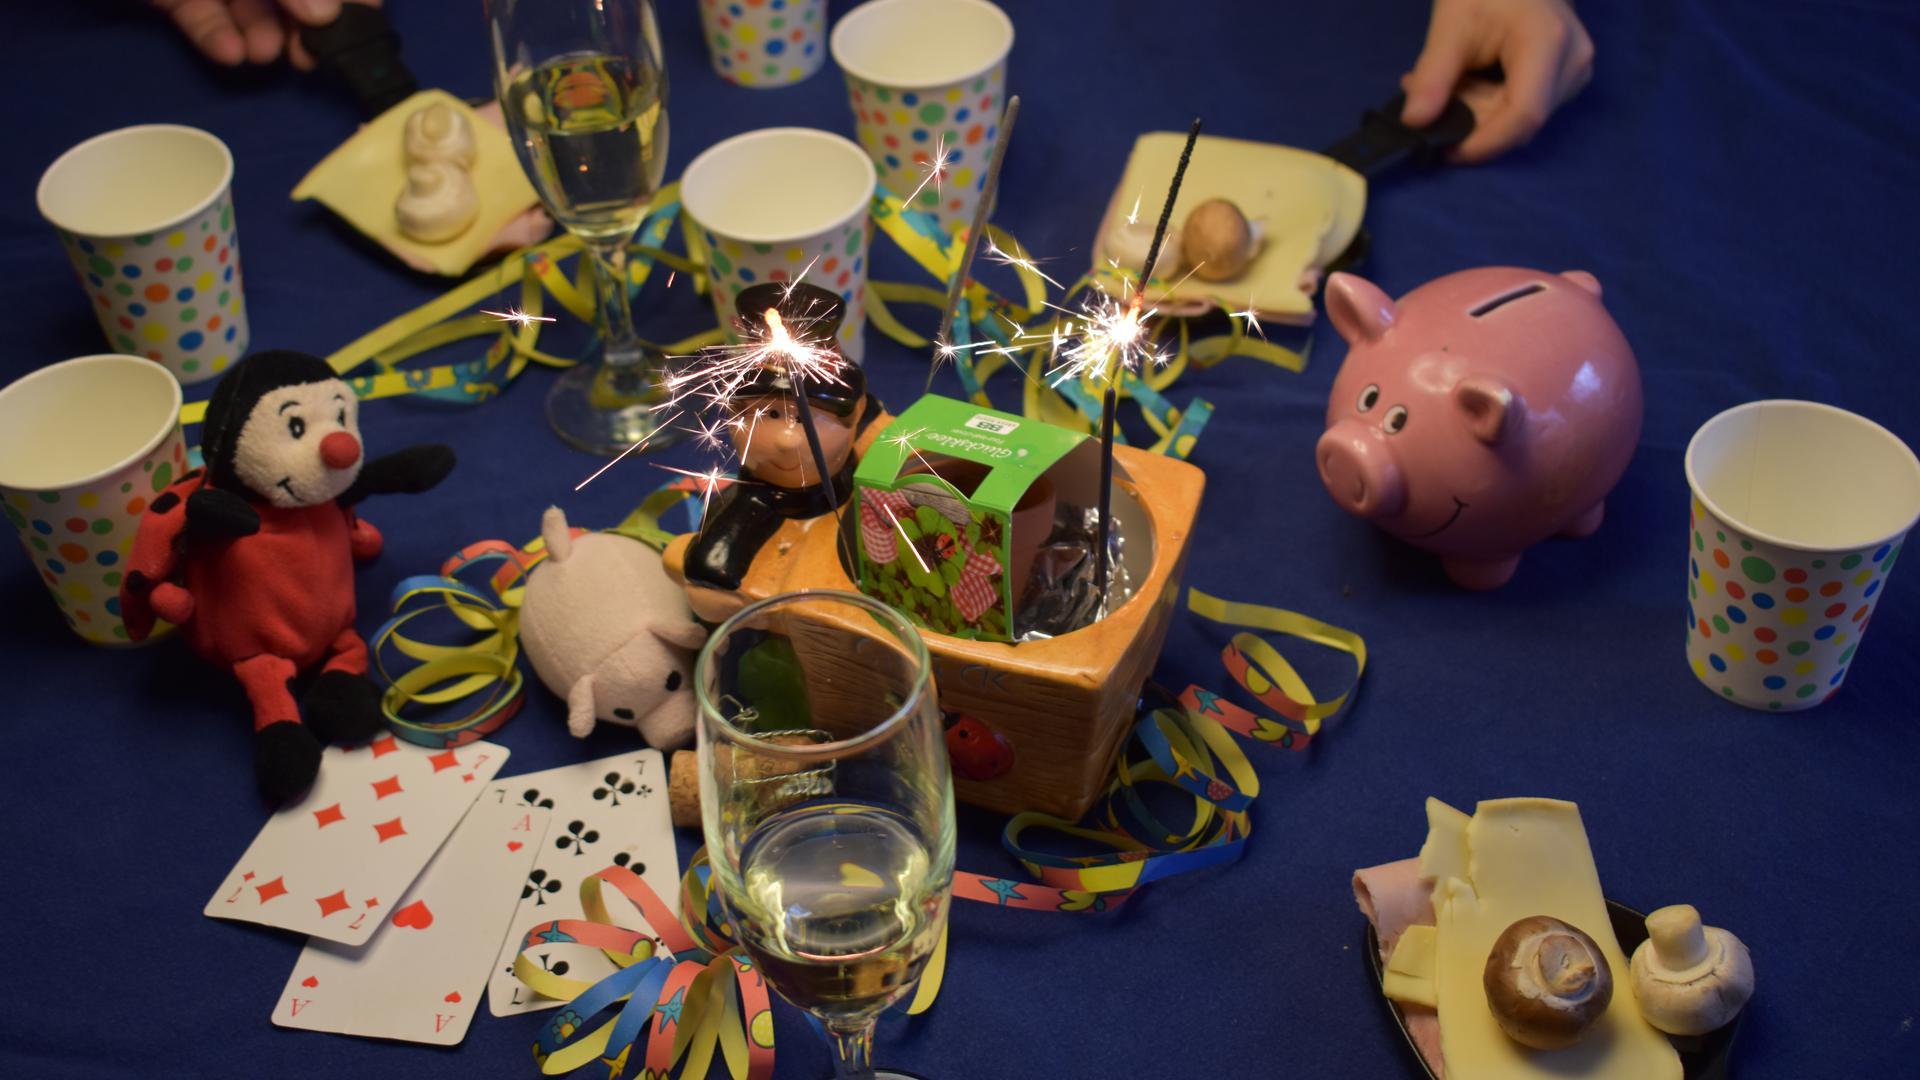 Wunderkerzen, Raclette und Kartenspiele: So könnte Silvester in vielen Familien verlaufen